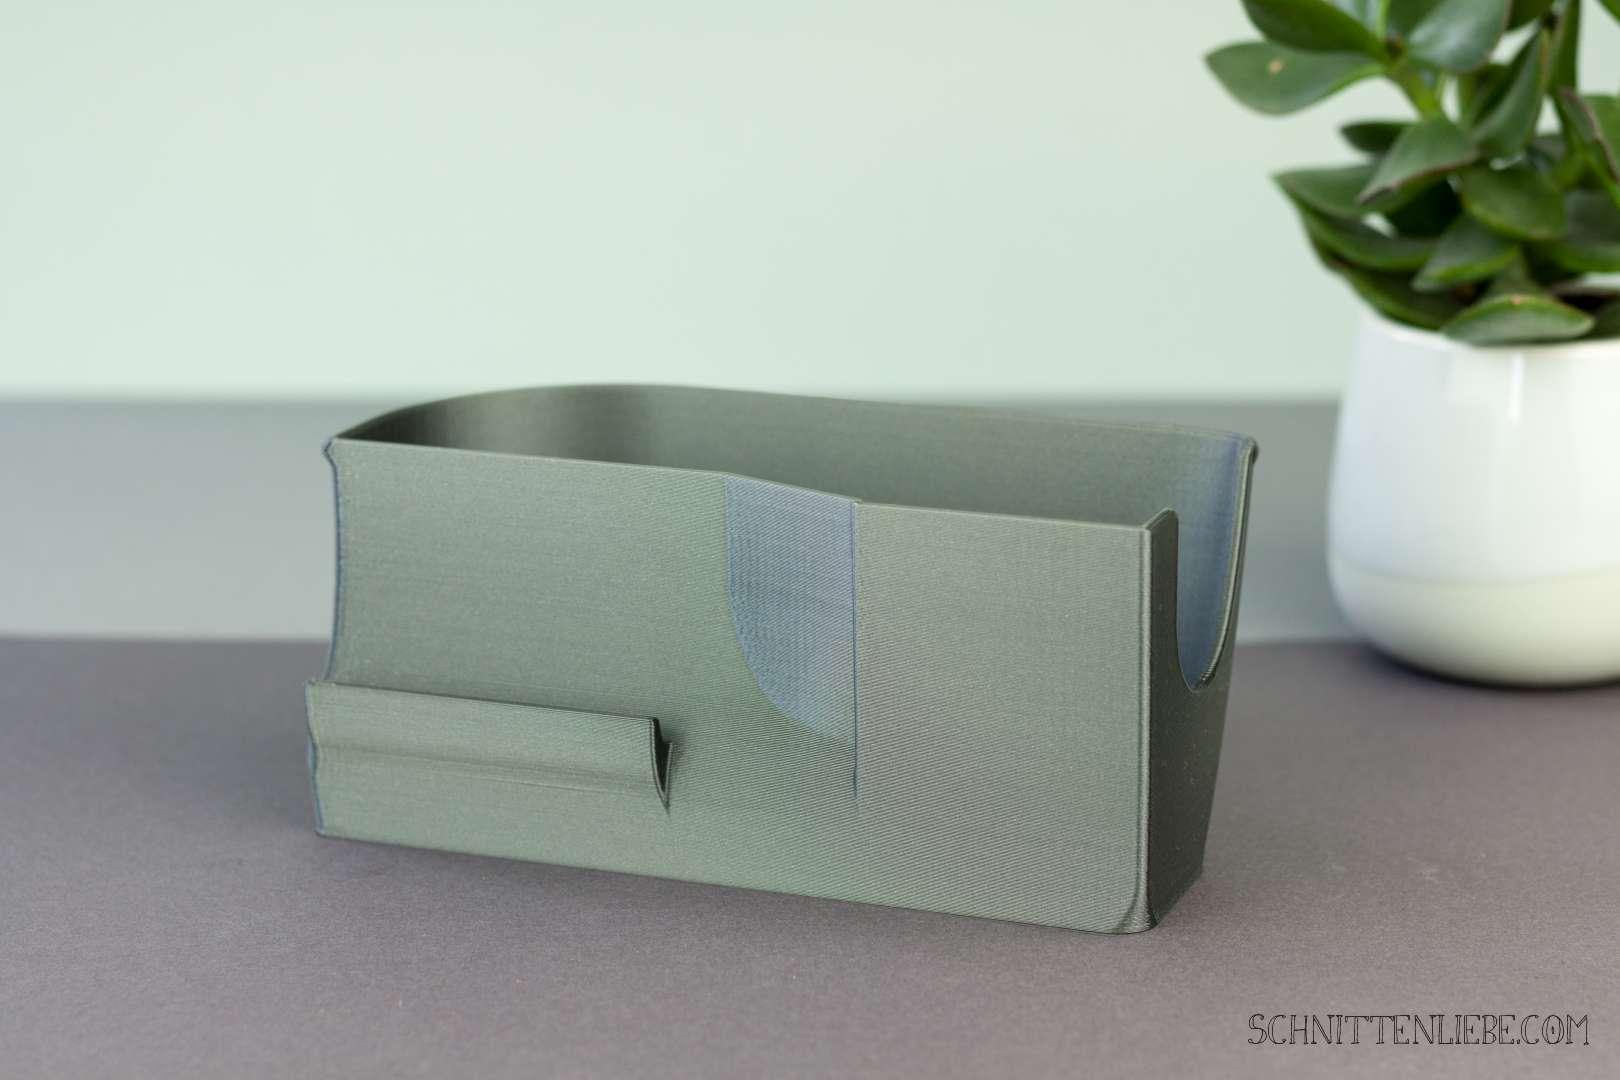 Schnittenliebe 3D collecting container Baby Lock Desire 3 metallic